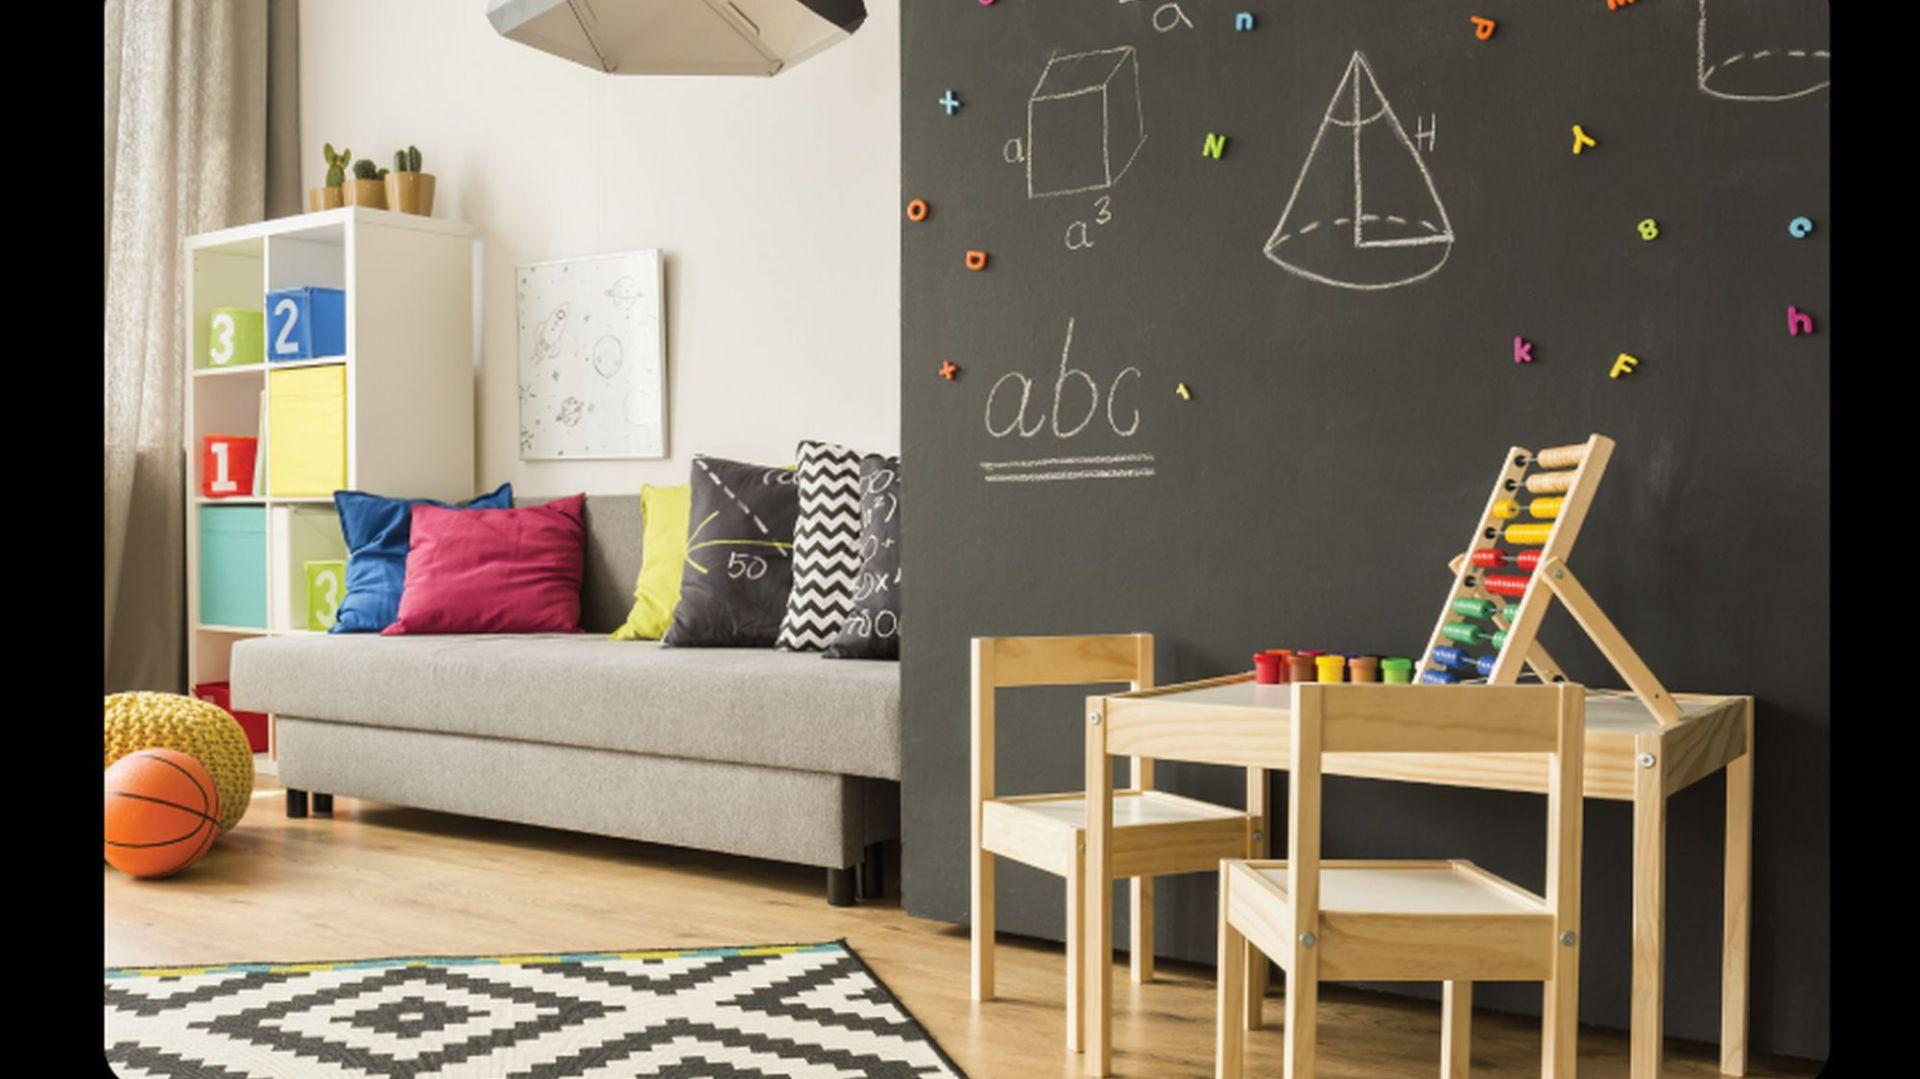 Lakier tablicowy świetnie sprawdzi się we wnętrzach mieszkalnych – kuchniach, pokojach dziecięcych. Fot. Sigma Coatings